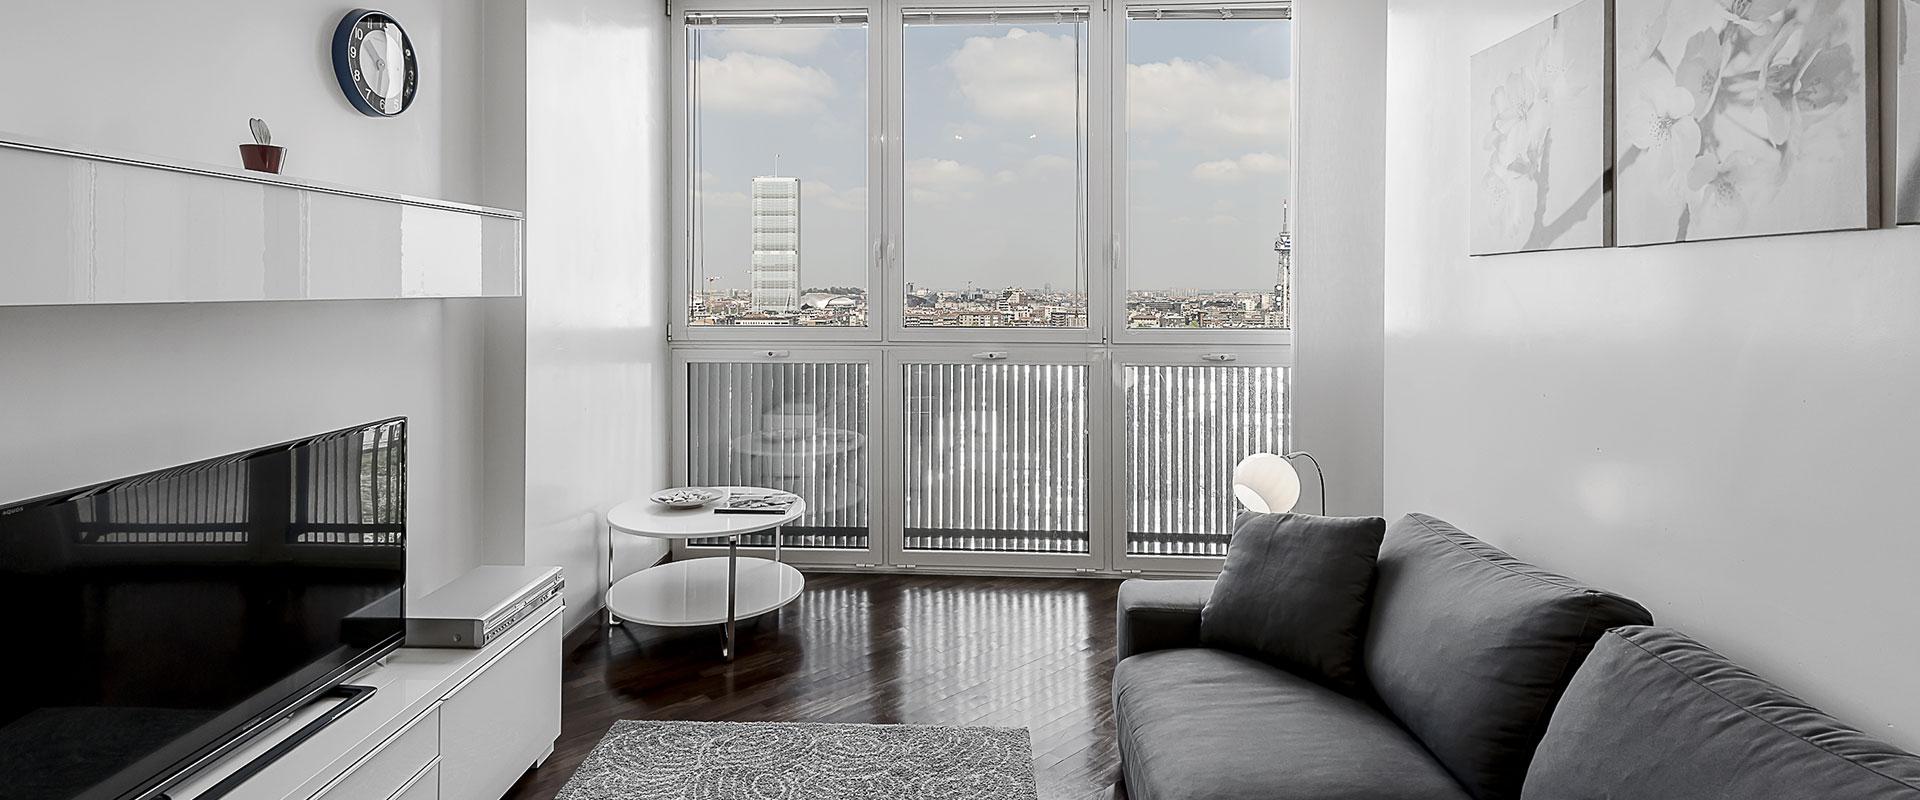 Milan apartments affitti brevi a milano appartamenti for Affitti brevi milano